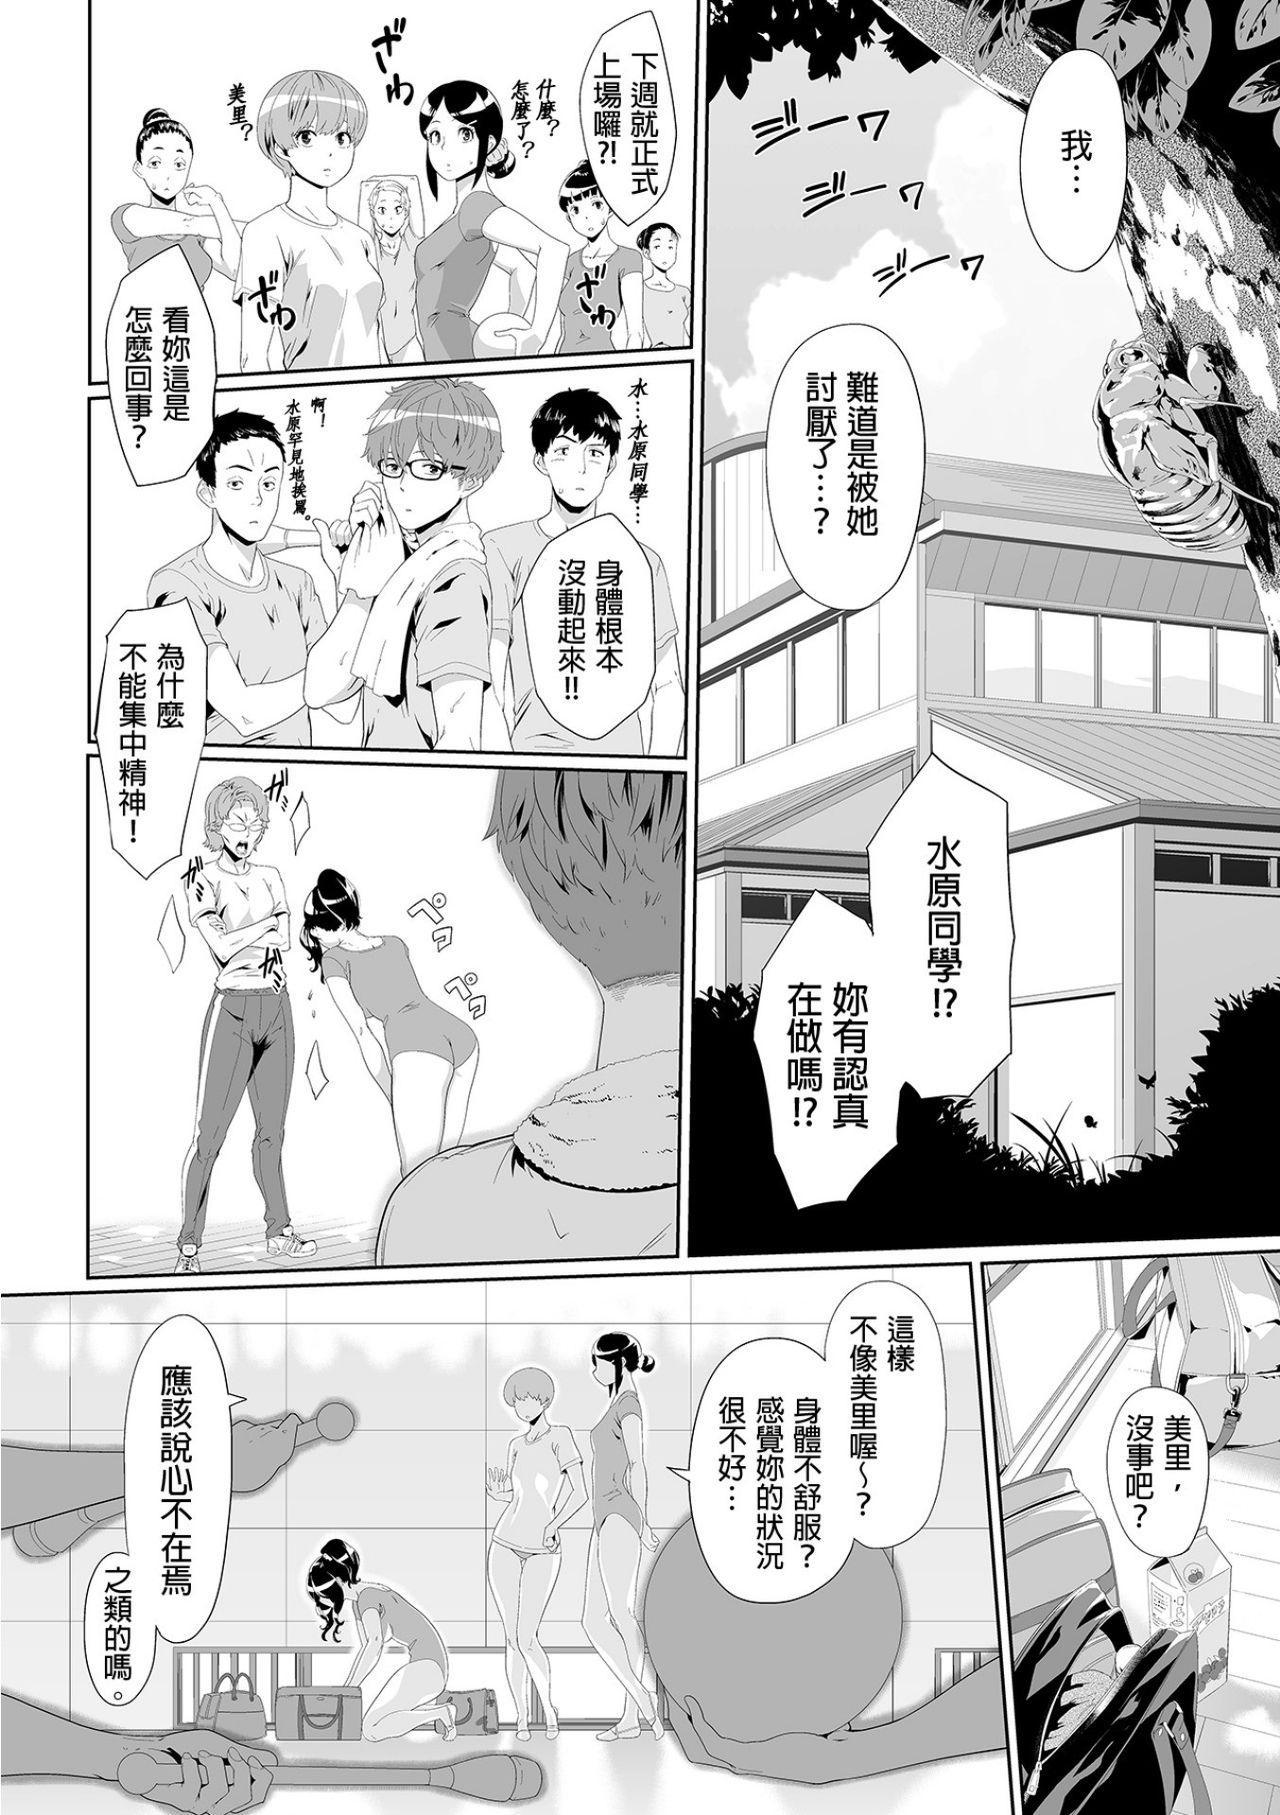 [Qunami Himehiko, Akahige] Gifu no Nurunuru Massage ~Musume no Kori o Asa kara Kurikuri~   義父的濕答答按摩~一早幫忙女兒放鬆肌肉~ Ch. 6 [Chinese] 22